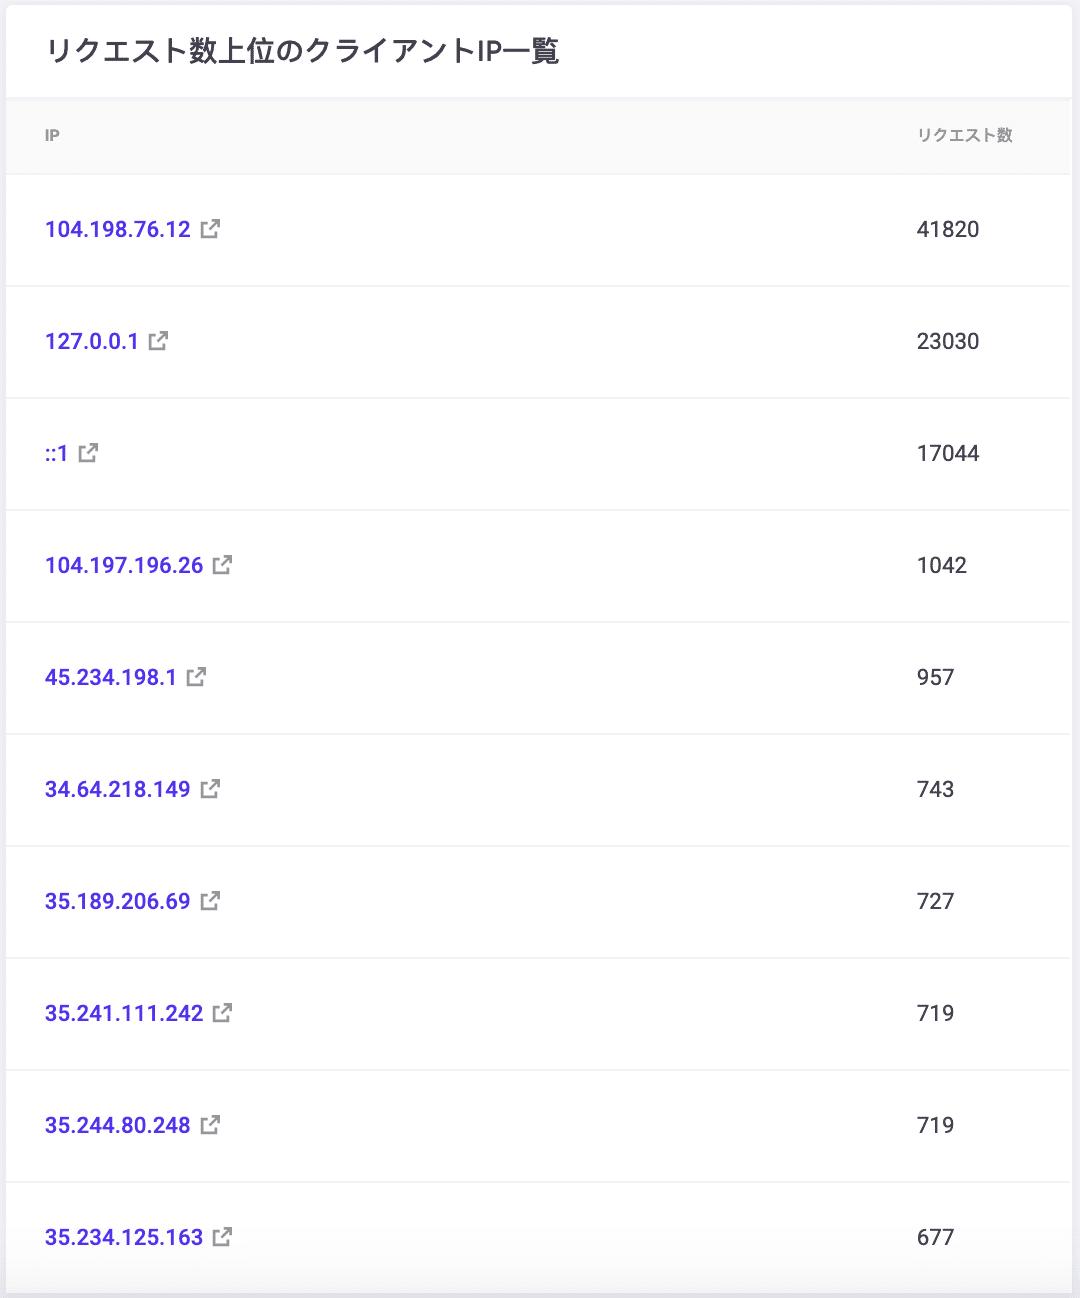 トップ10のお客様IP